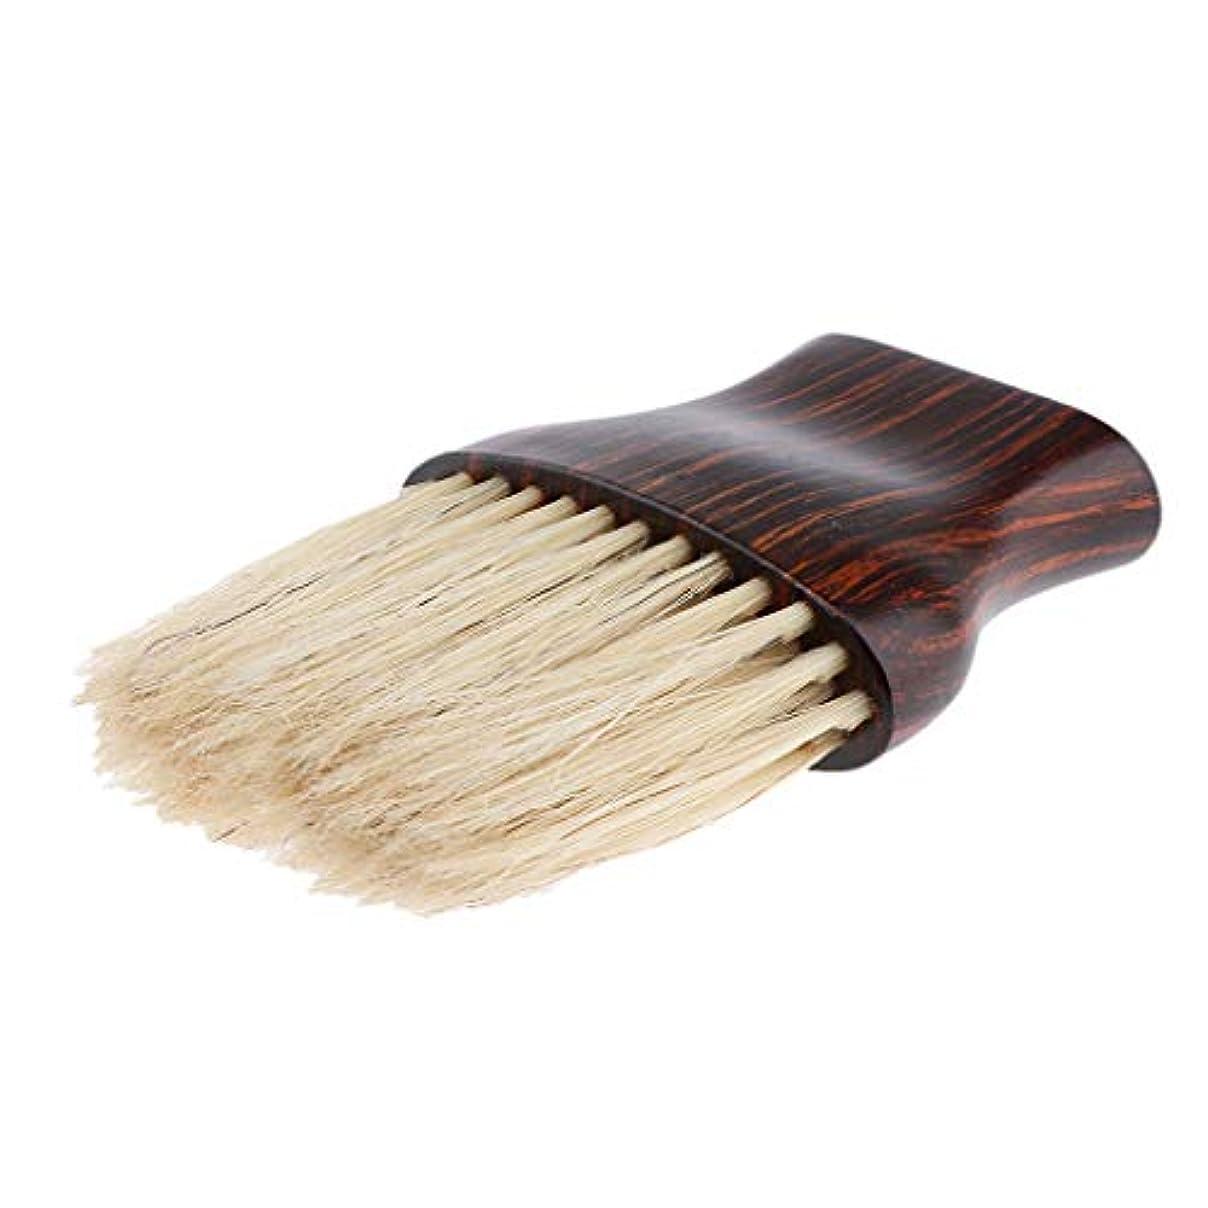 スキーム先史時代の人差し指ネックダスターブラシ 柔らかい繊維 ヘアブラシ 木製ハンドル 快適